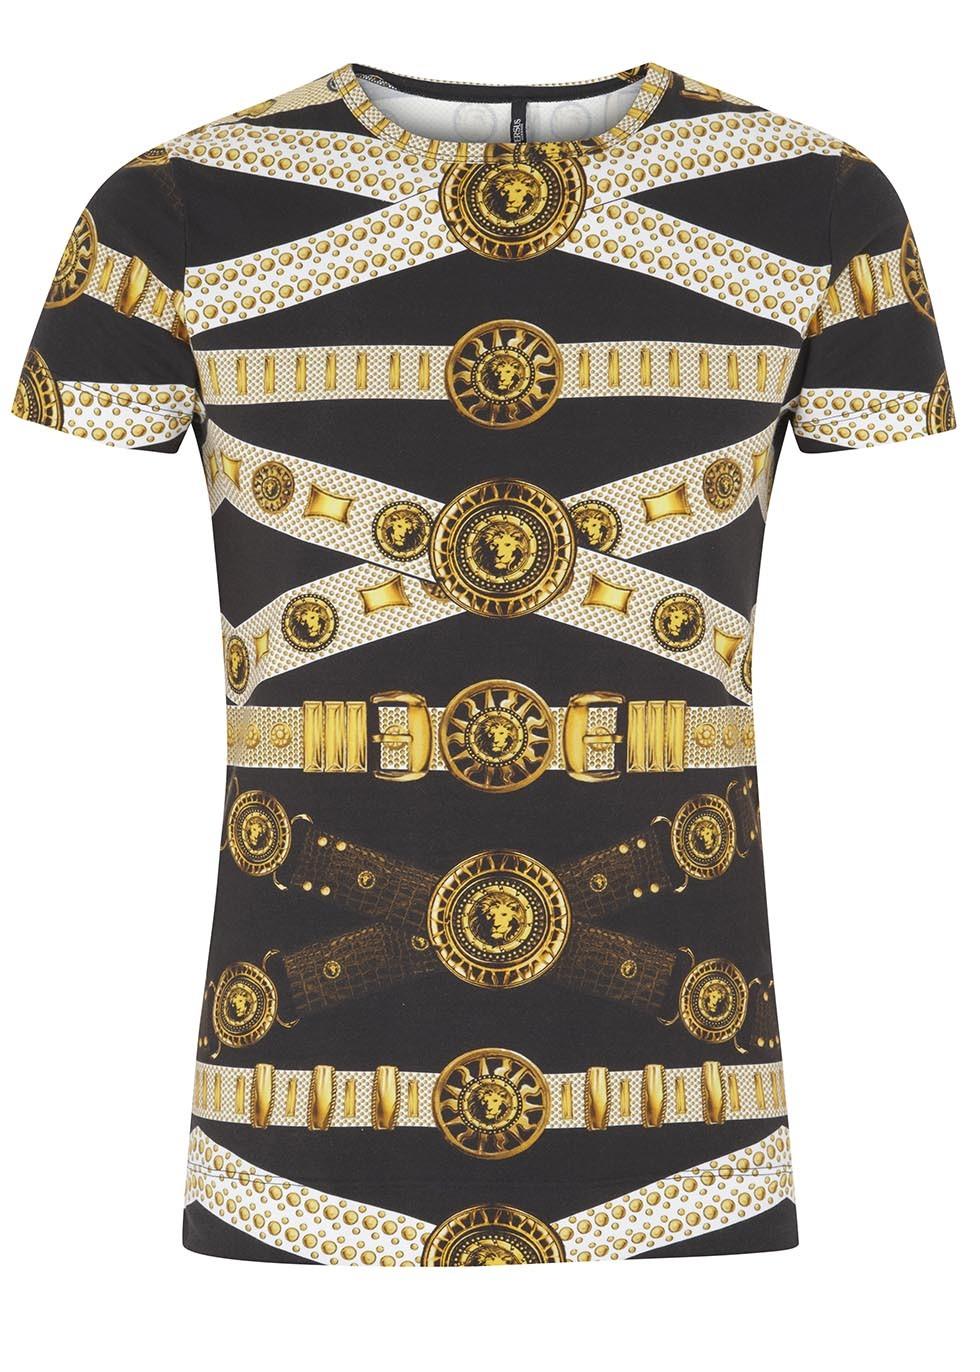 Black and gold belt print jersey T-shirt - Men 3b385a1ceb3a